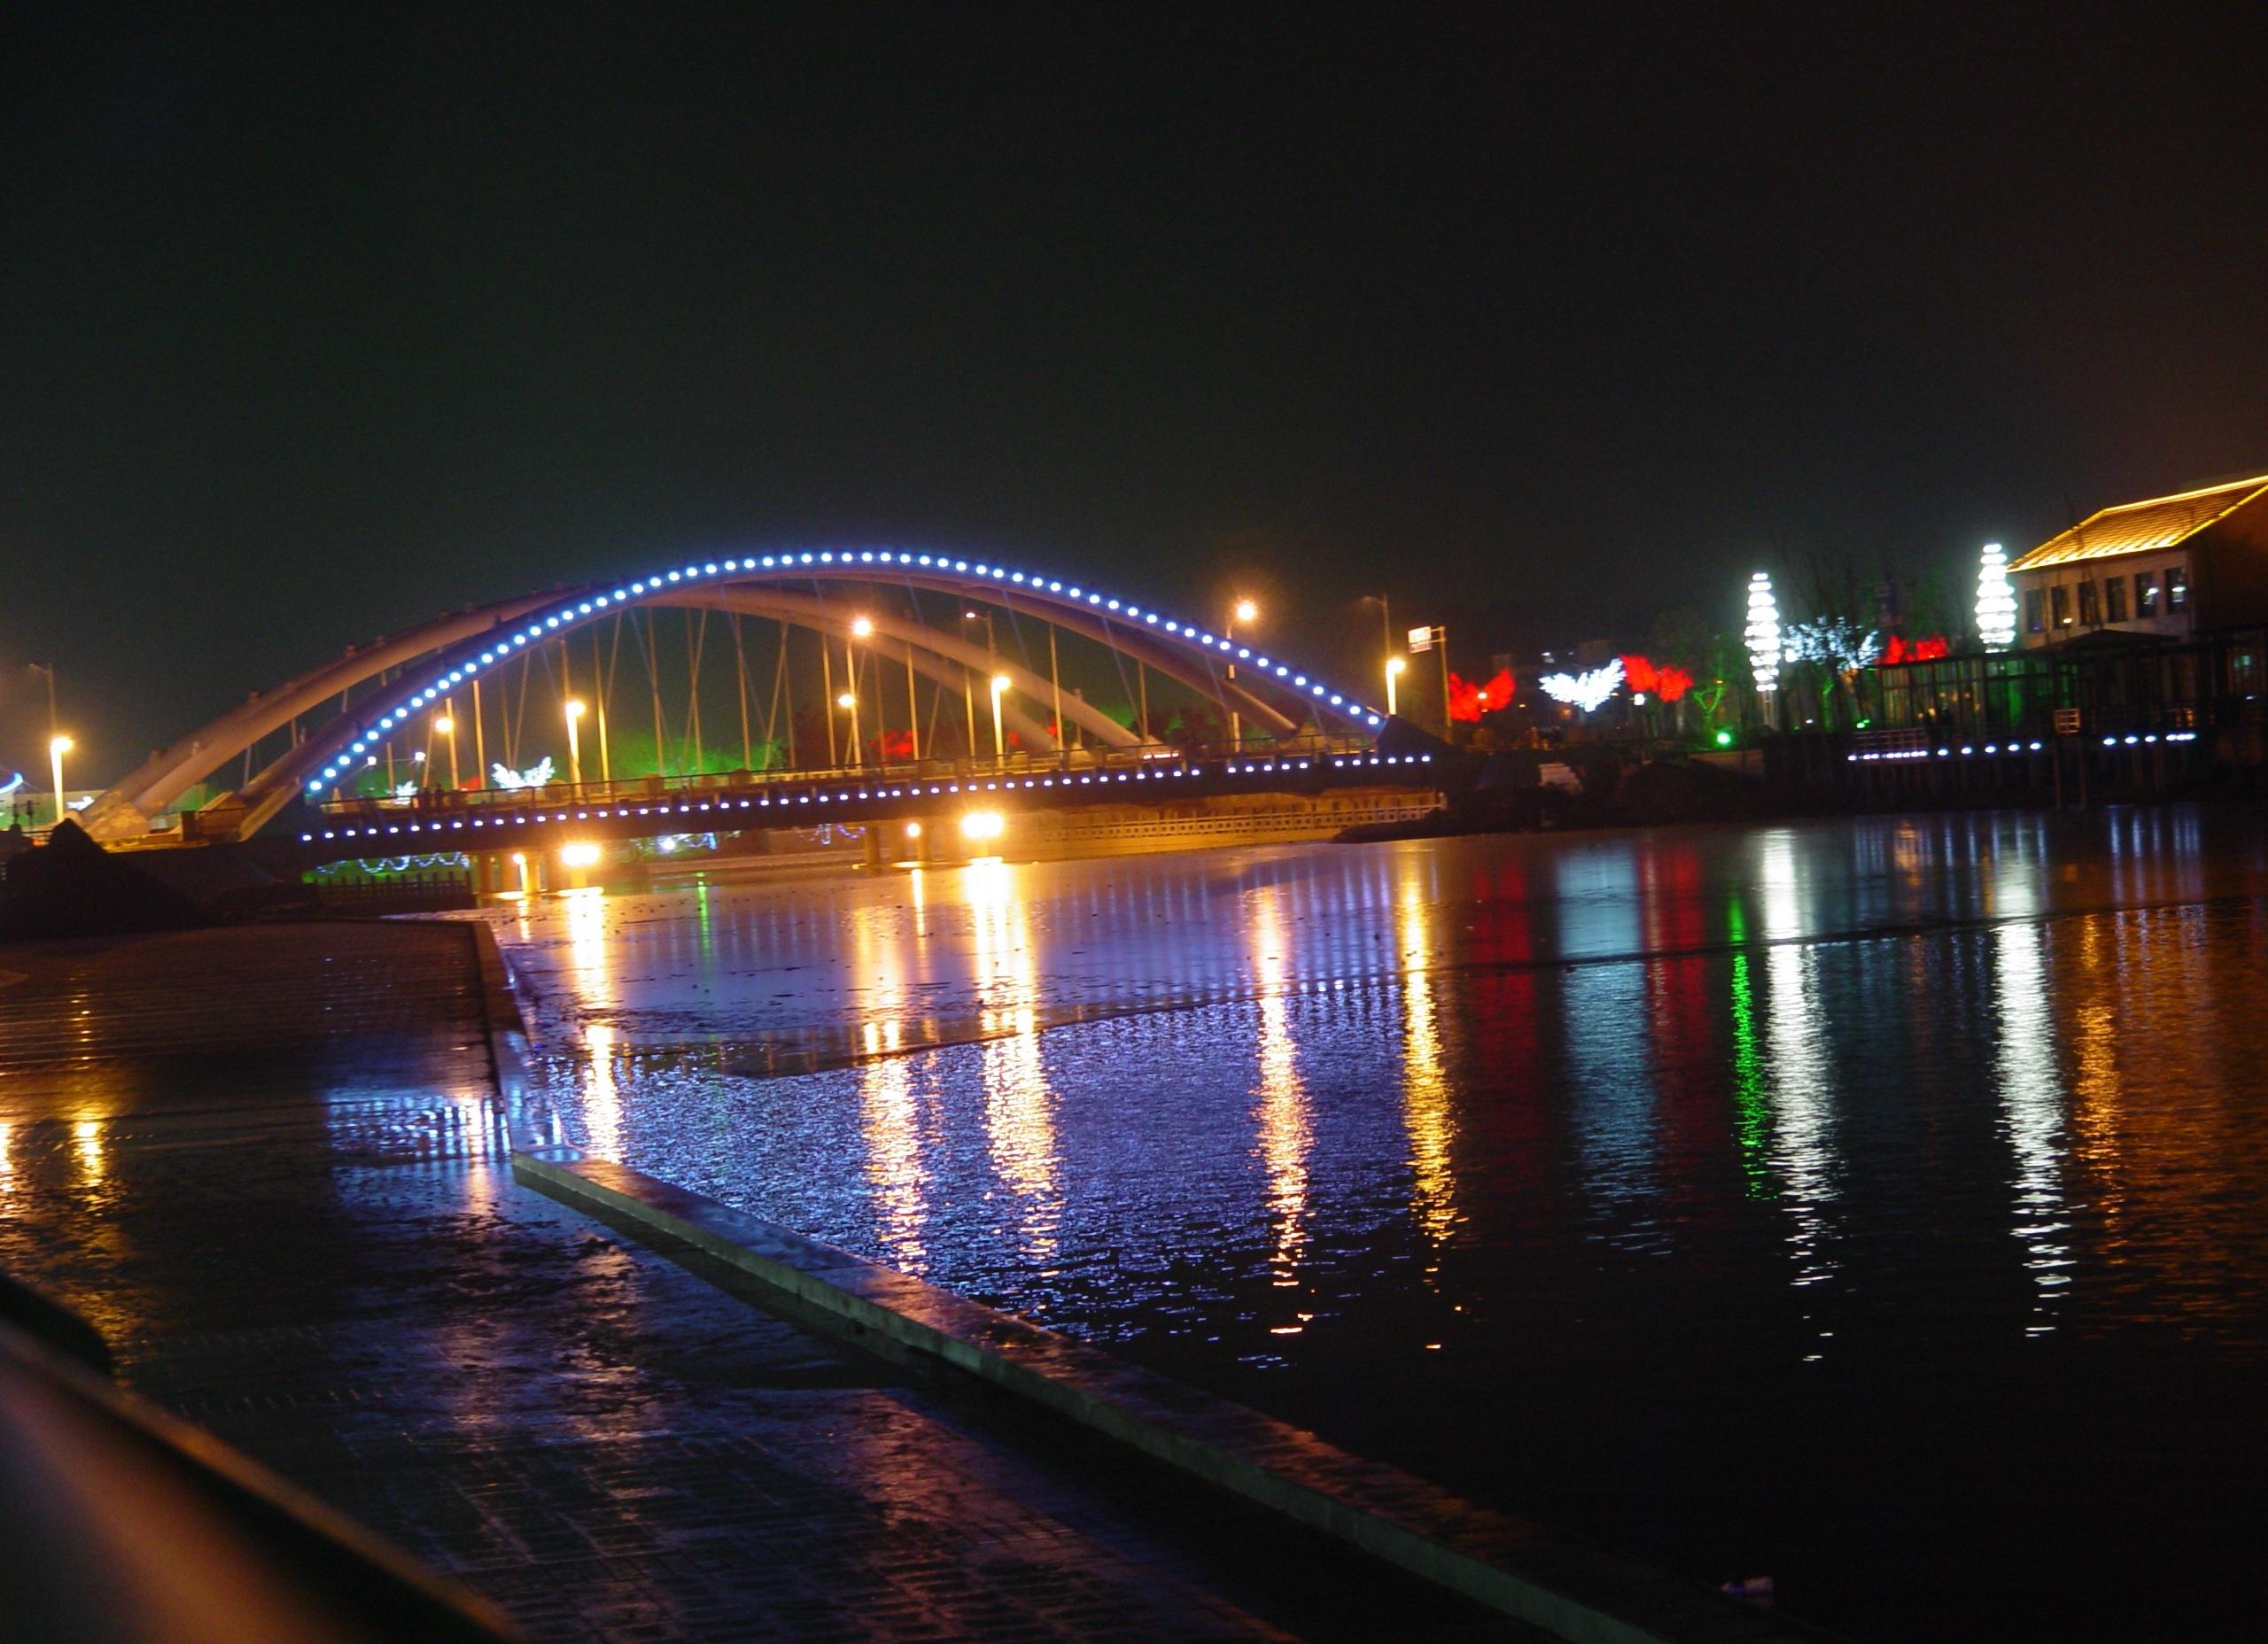 菏泽城区夜景照明-景观照明工程